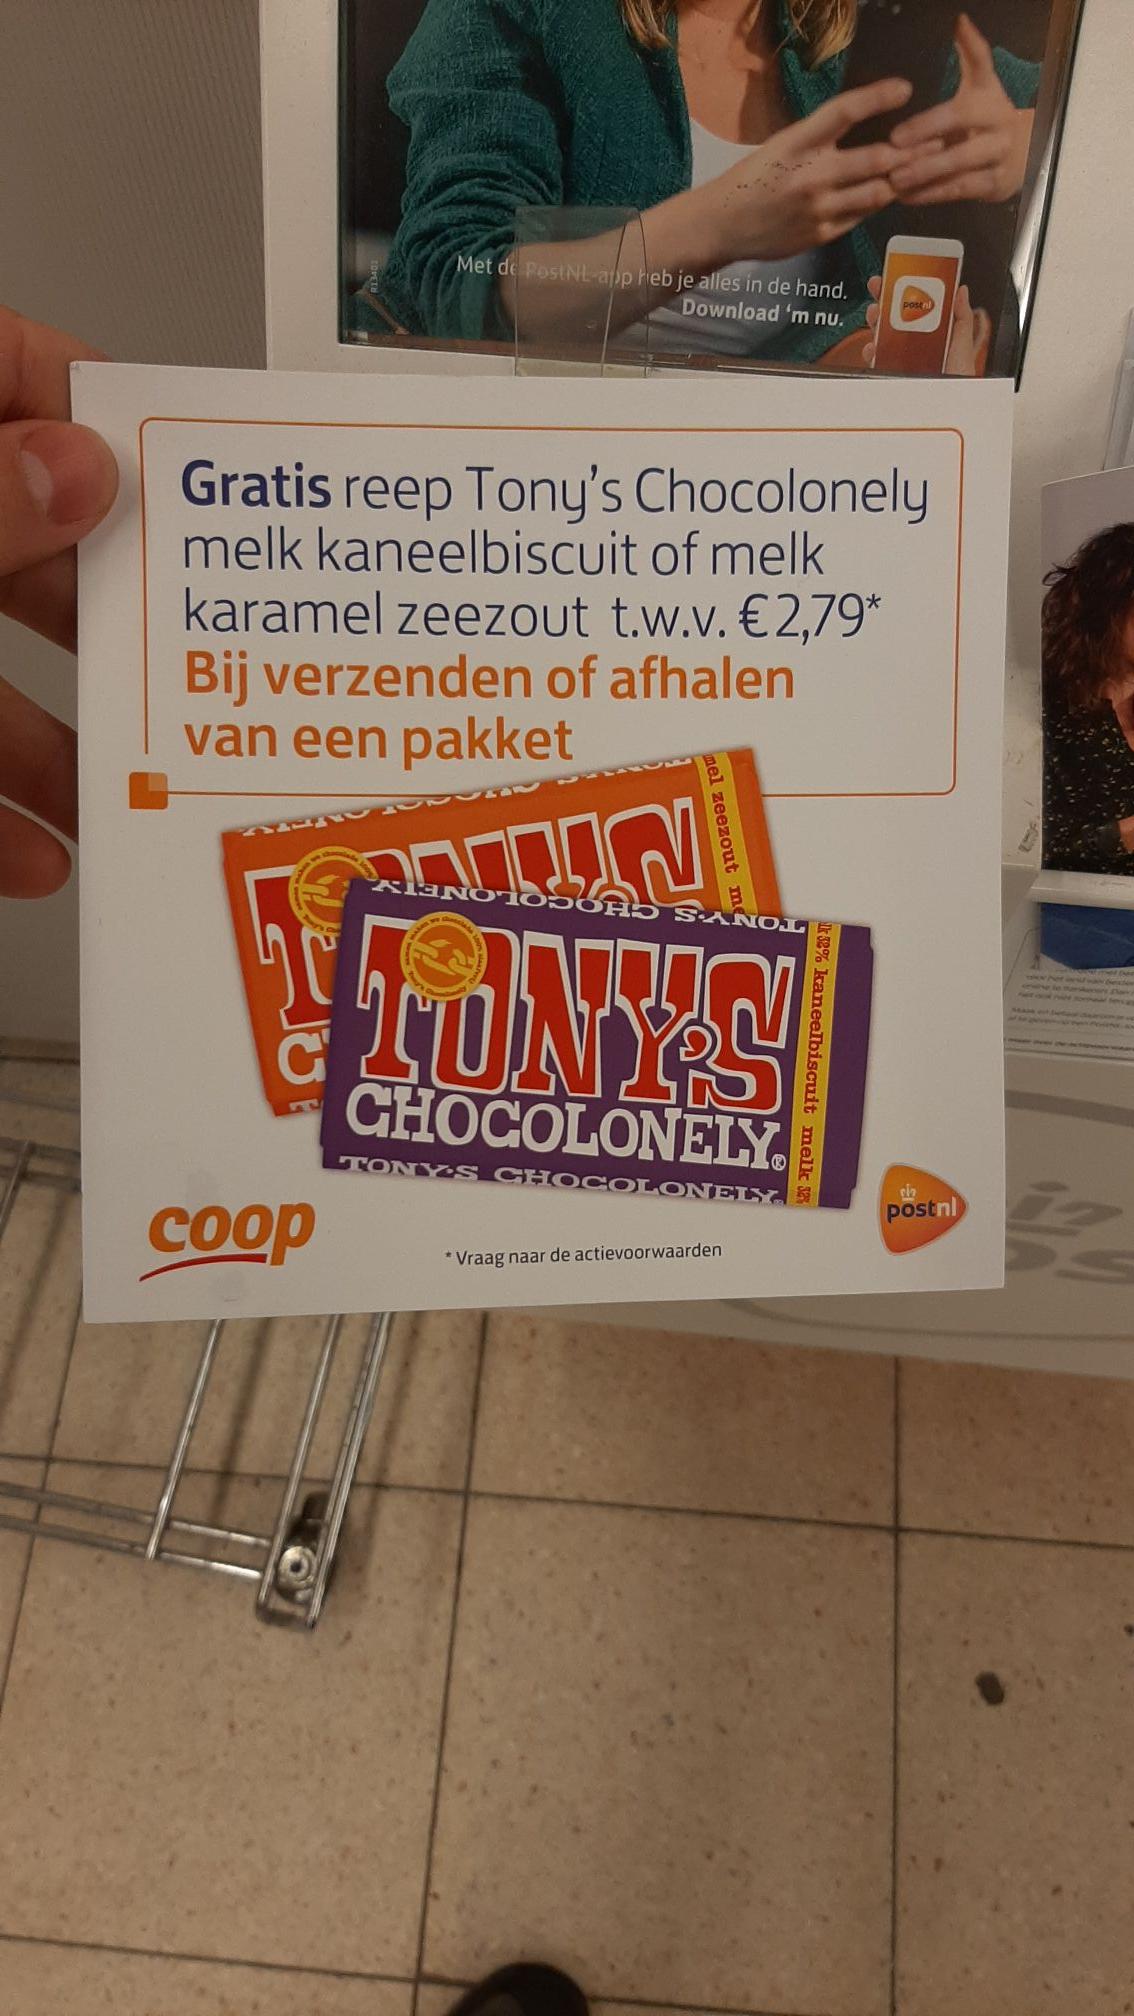 Gratis Tony chocolonely bij Coop bij postnl pakket verzenden of afhalen